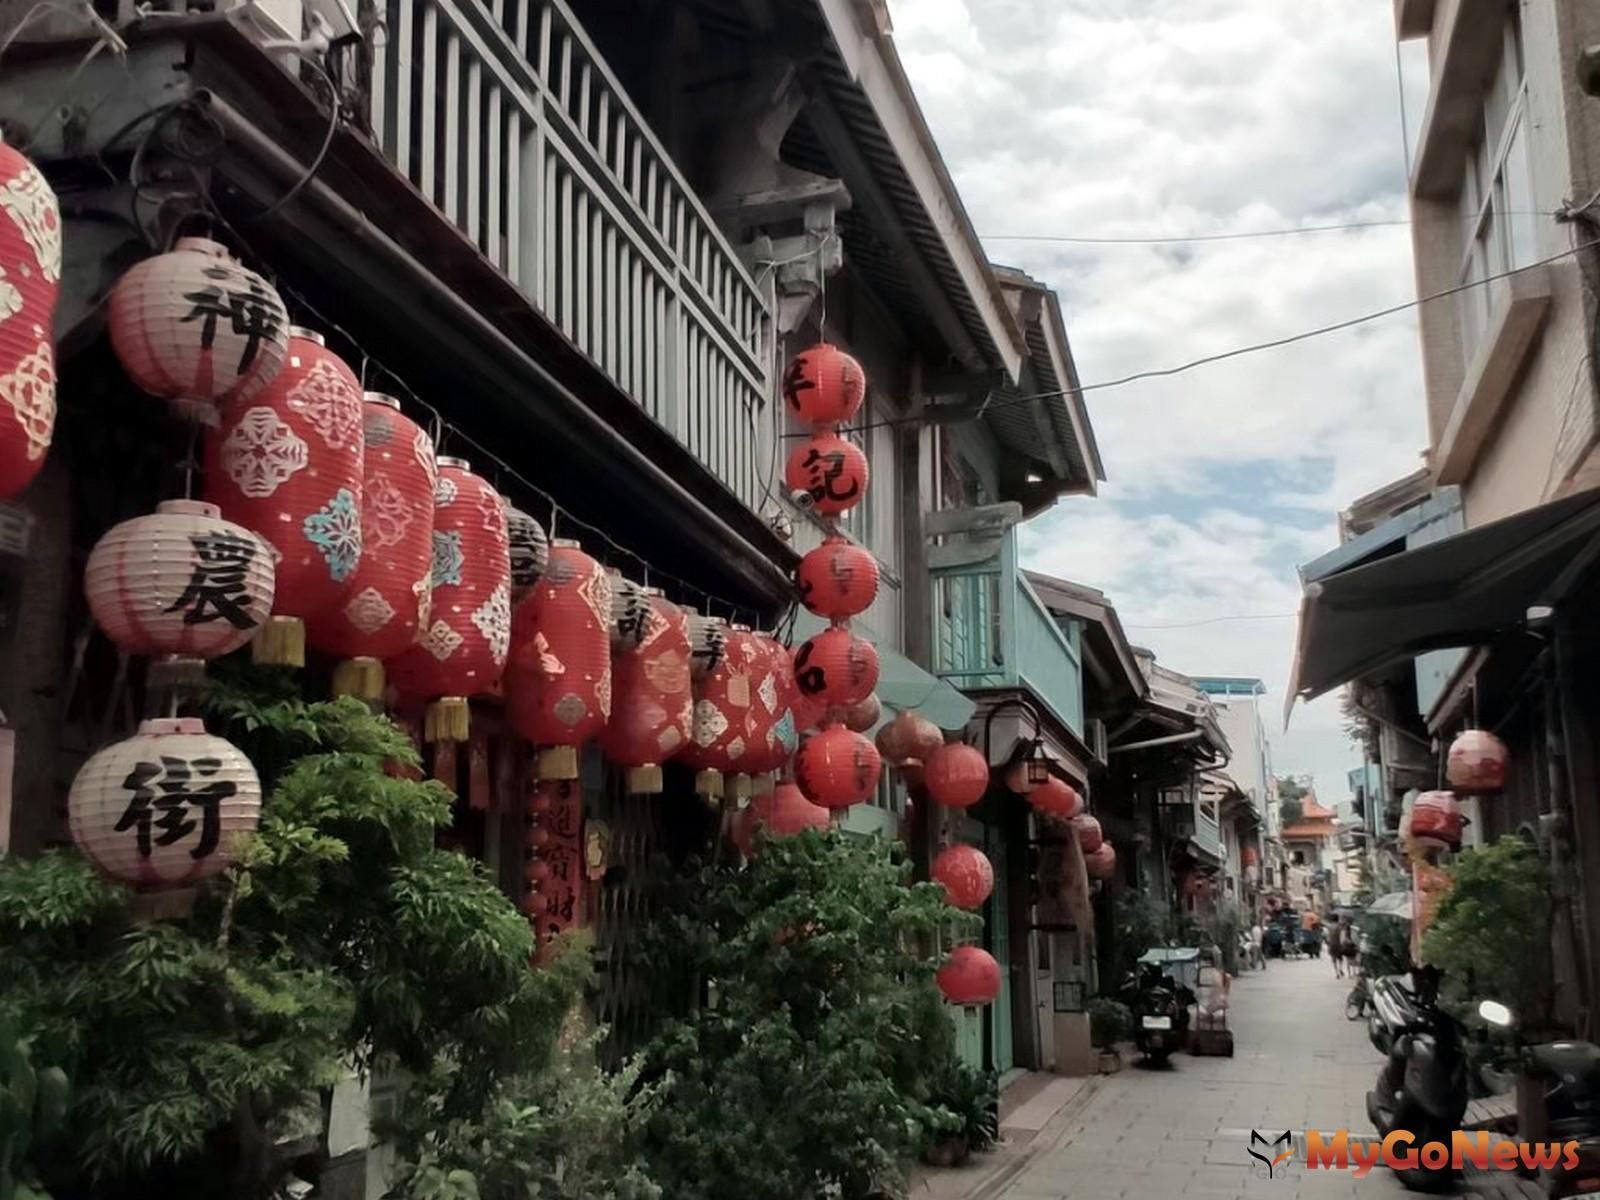 台南巷弄老屋,接連打造成特色文創商店,形成一個又一個的特色老街(圖-台灣房屋集團)  MyGoNews房地產新聞 市場快訊